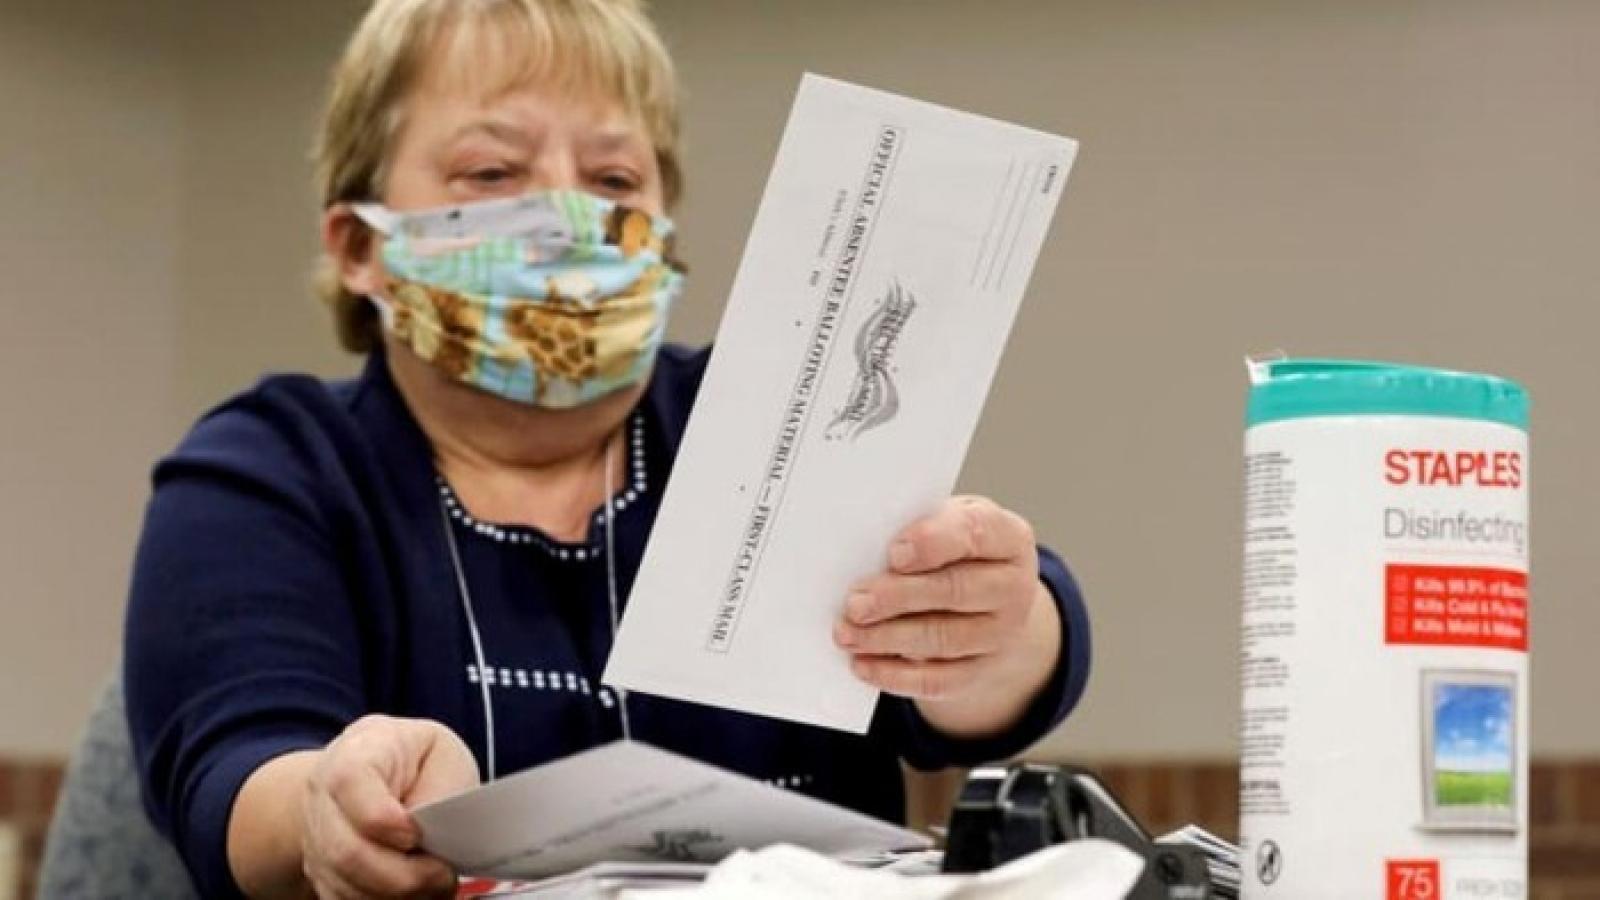 Điều gì khiến các bang Pennsylvania, Michigan và Wisconsin chậm công bố kết quả bầu cử?